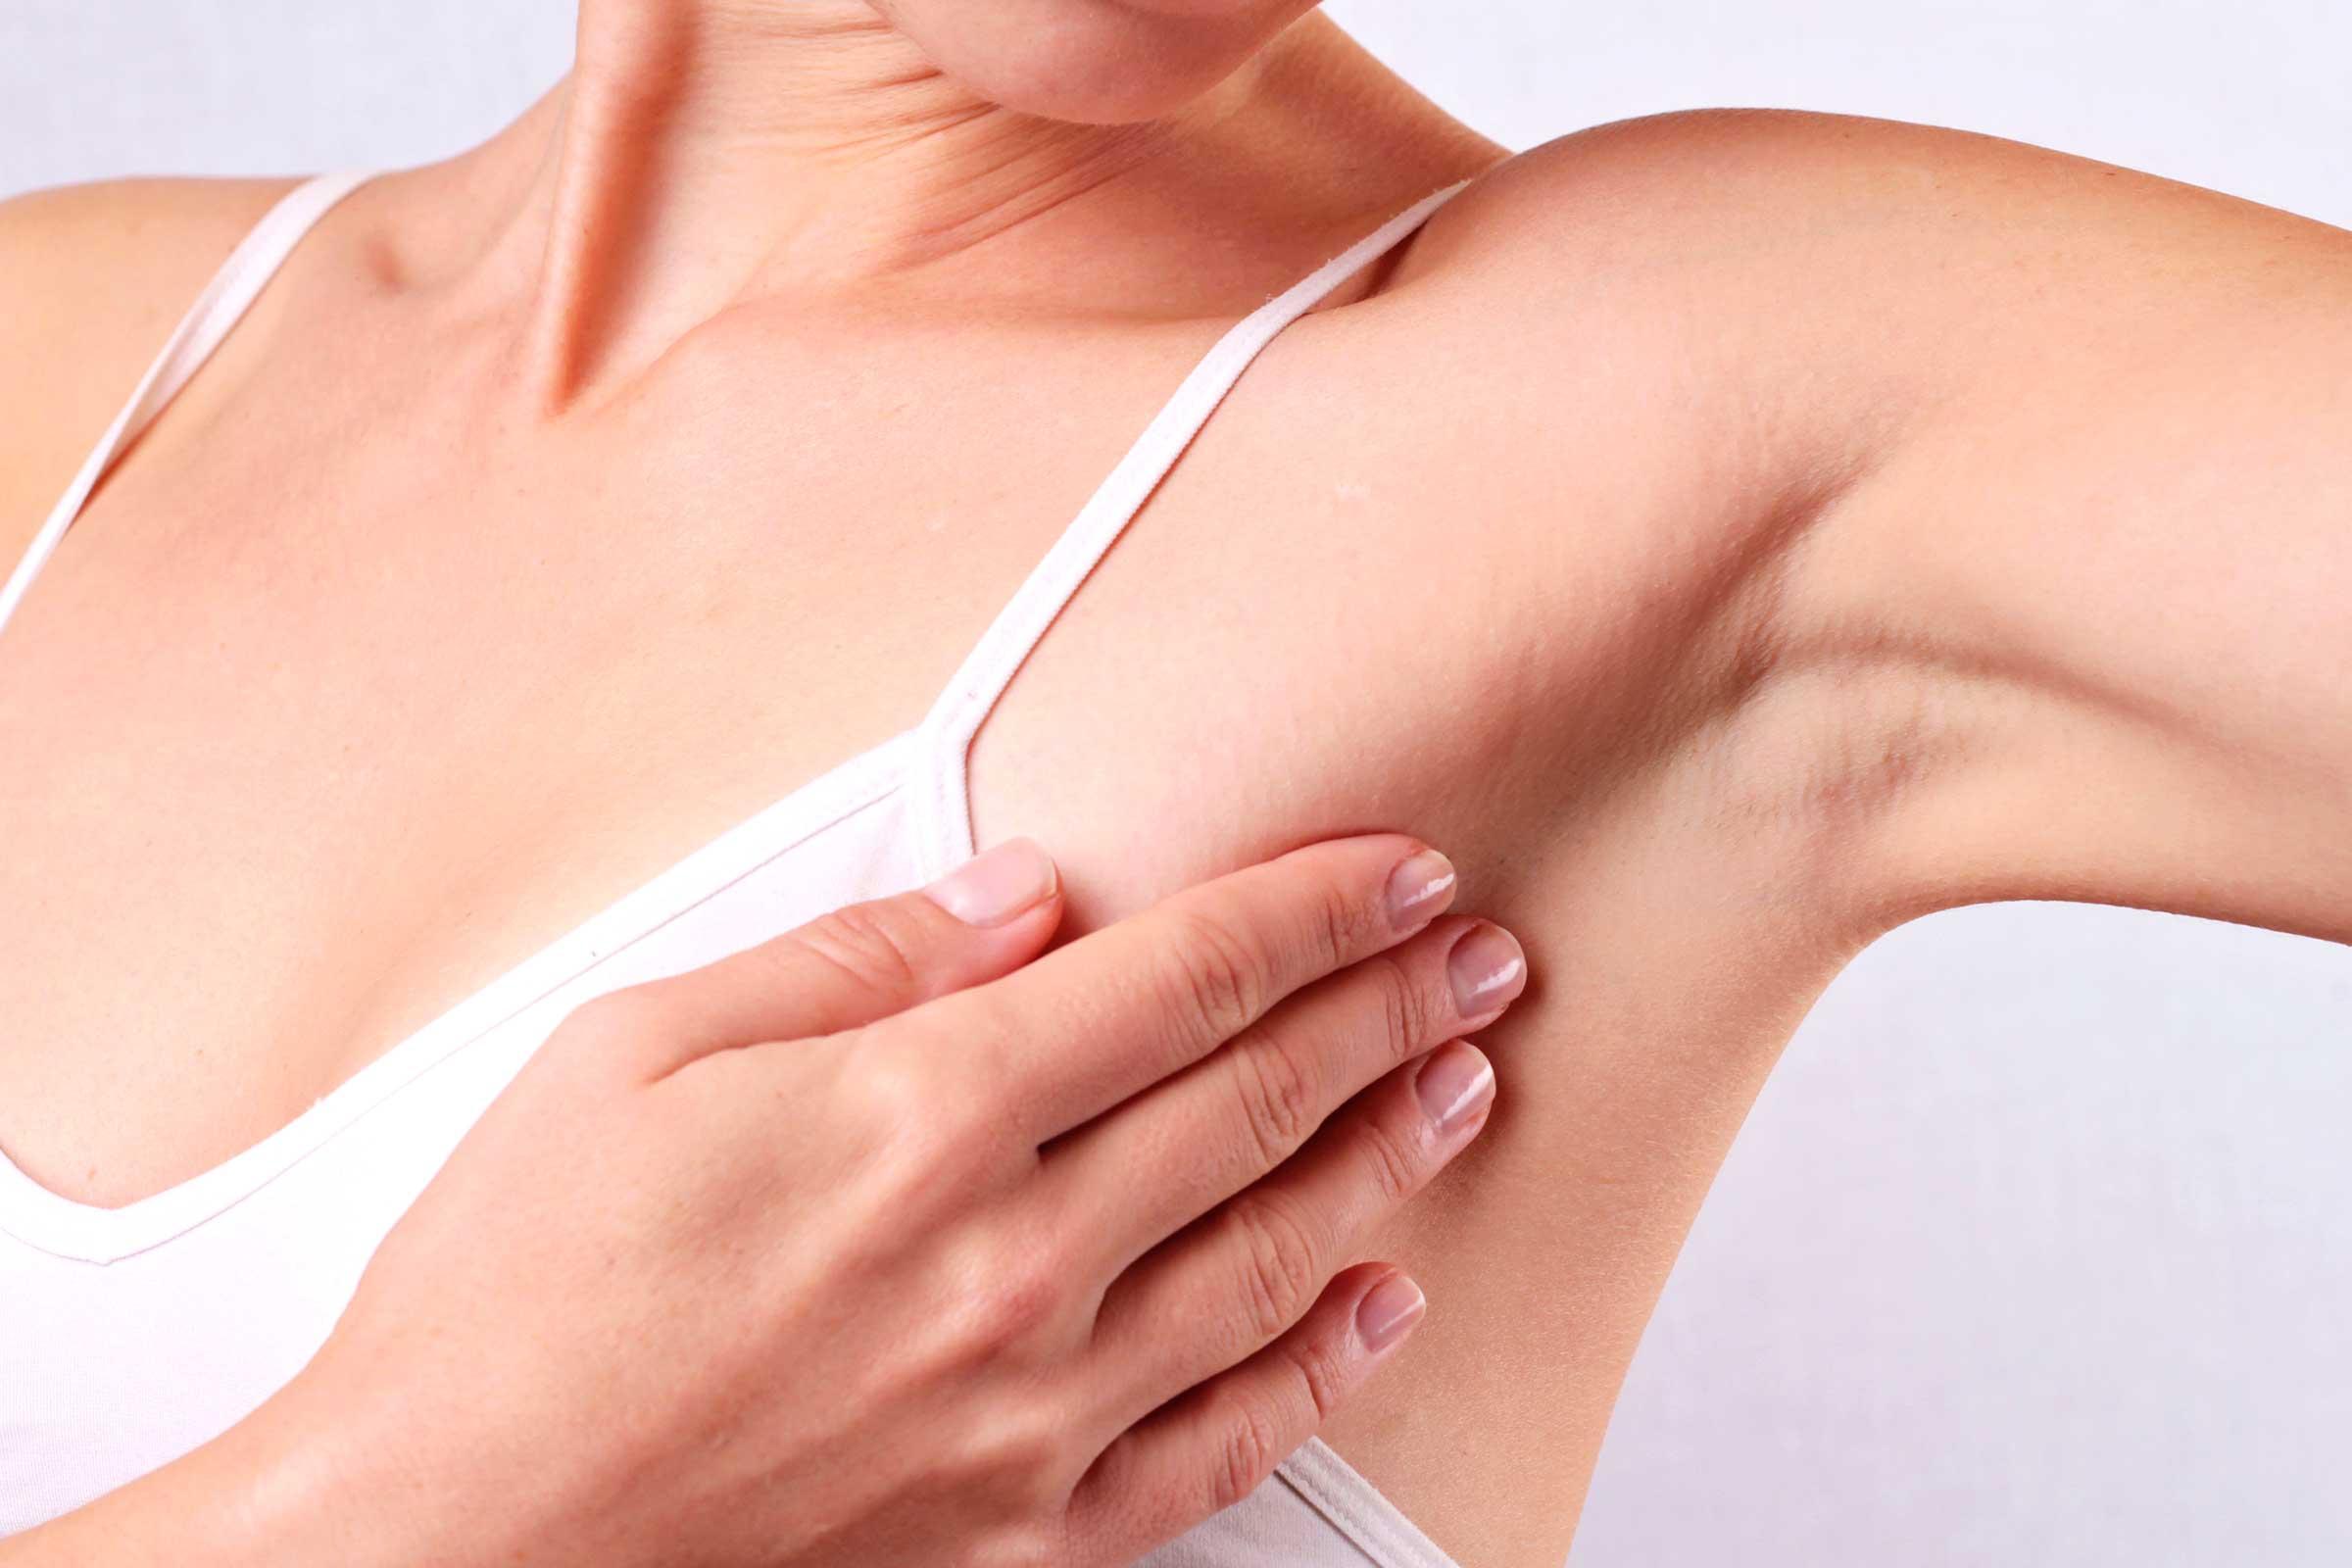 薇薇安發現乳癌時已末期「來不及治療」,其實乳癌有「7大早期警訊」早發現還有機會救!